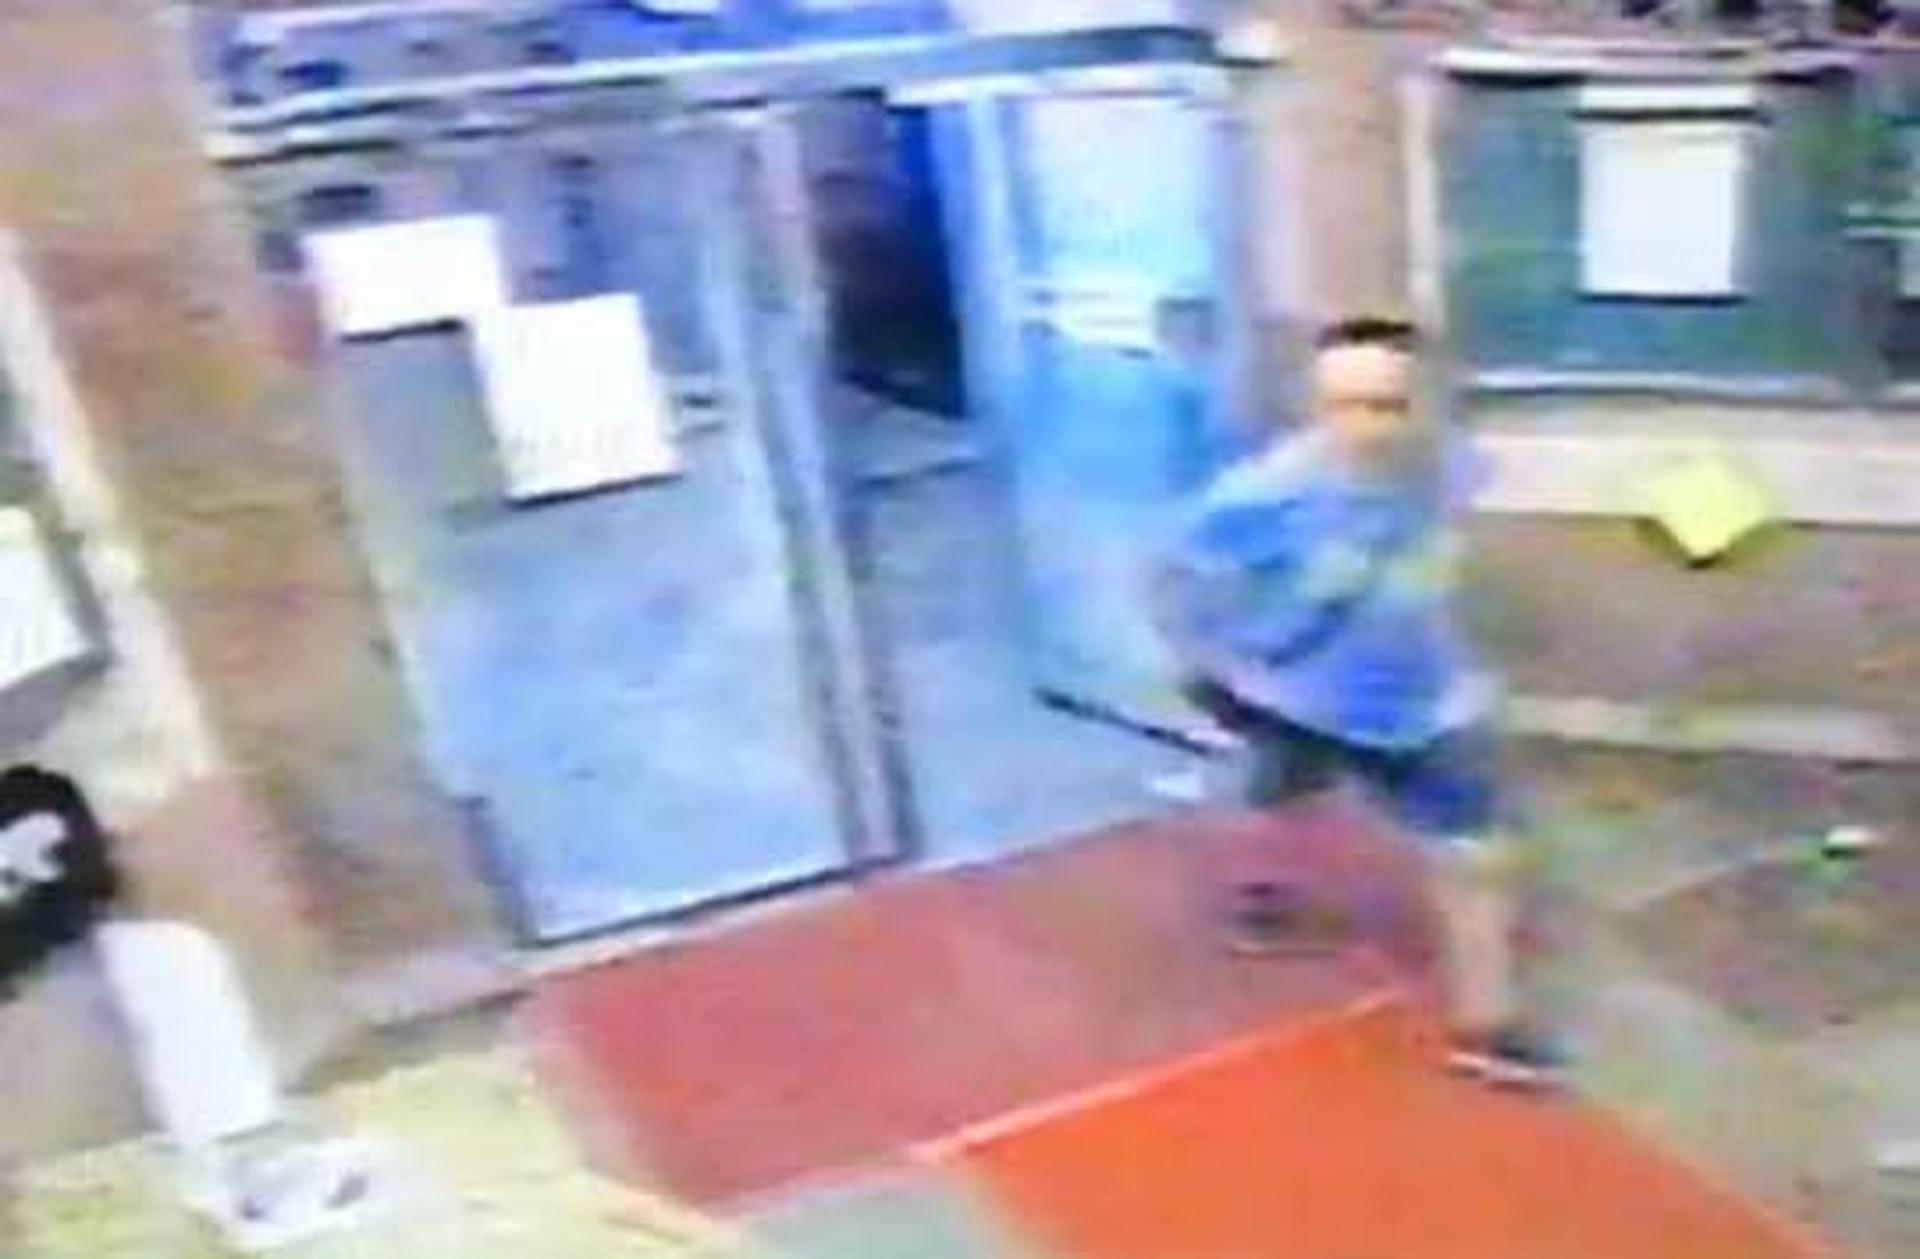 閉路電視拍到可疑男子身穿藍色衫走入嘉明閣。(街坊提供圖片)